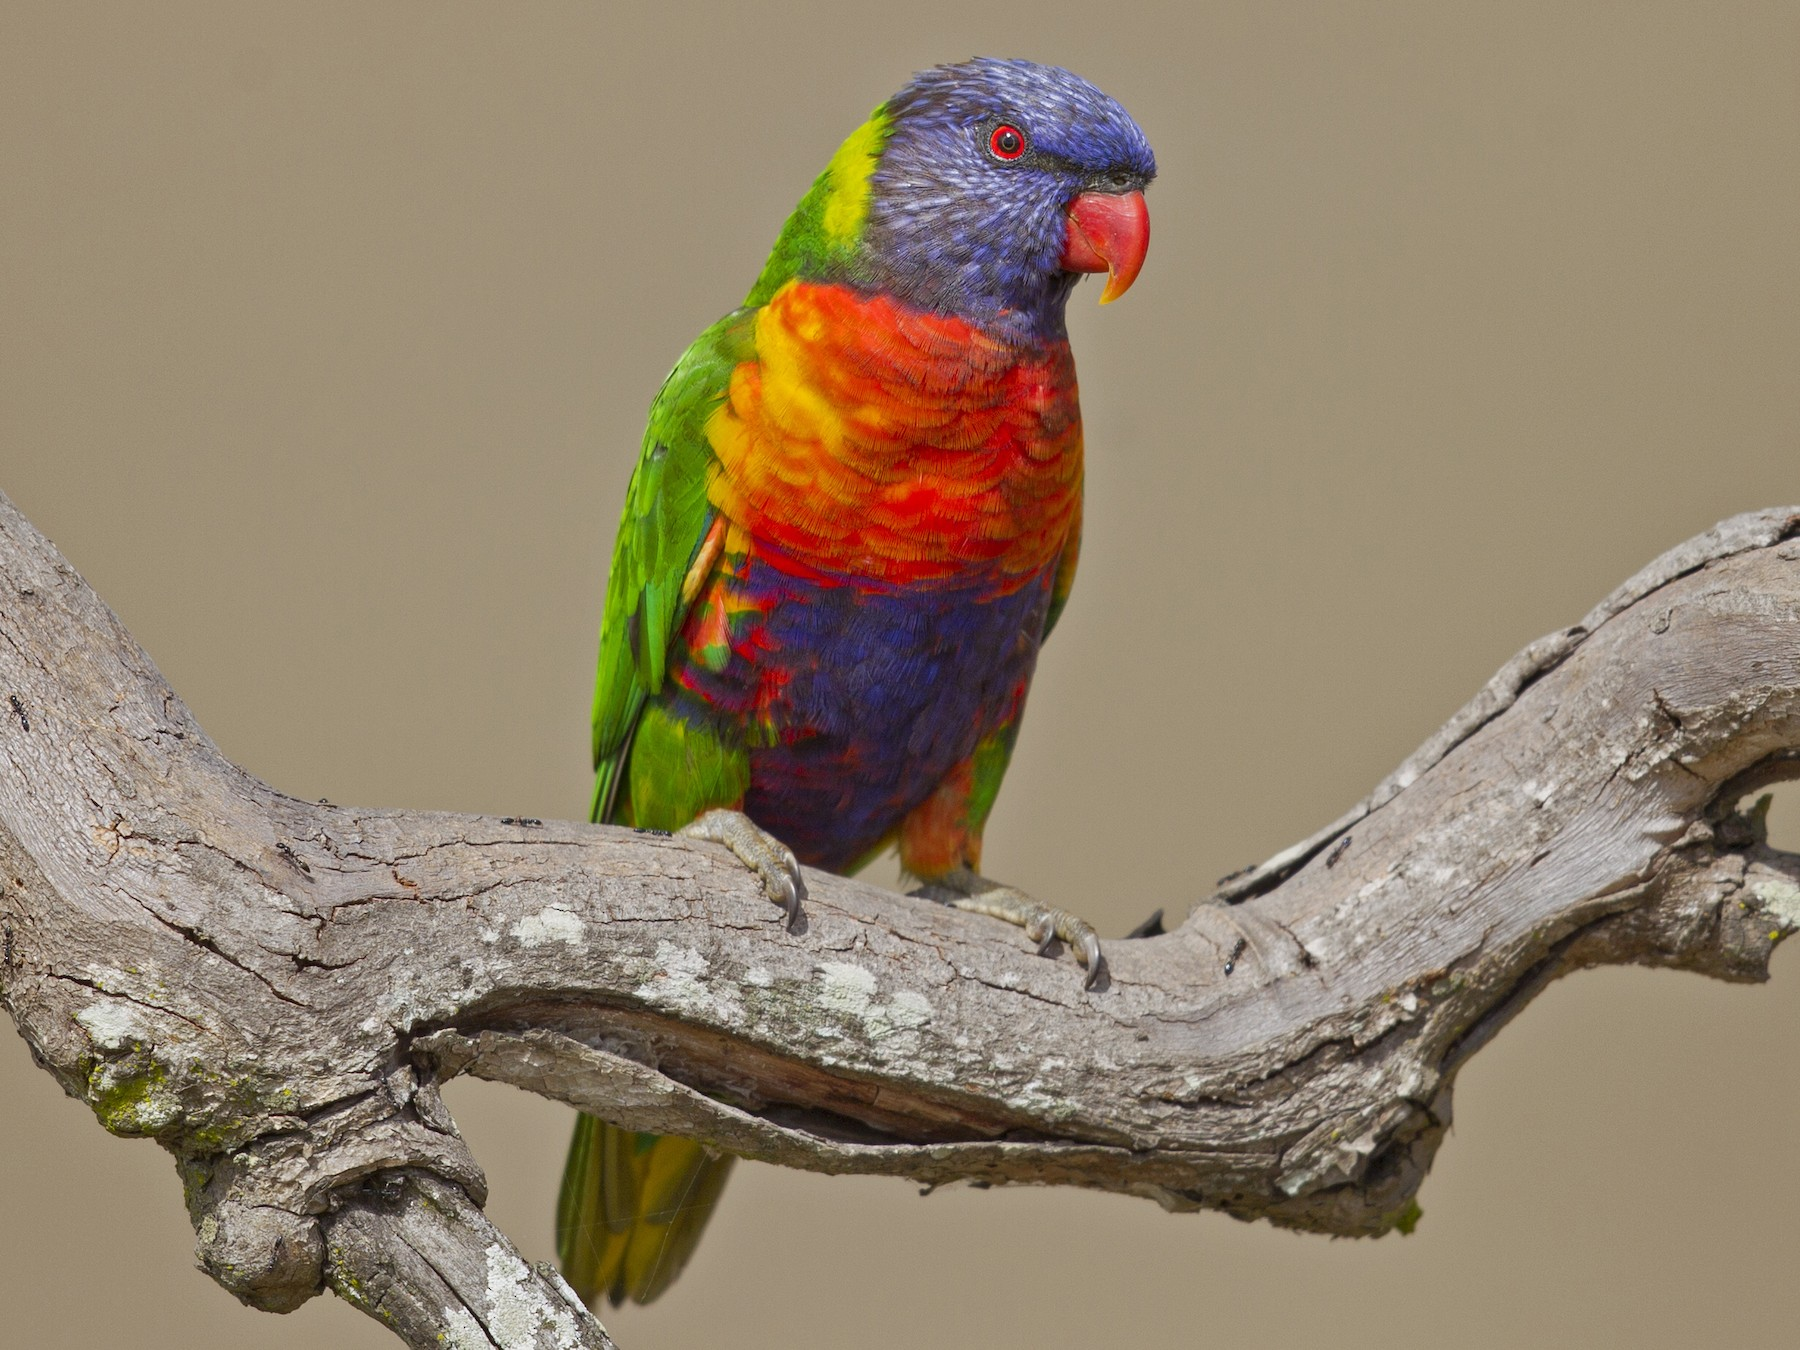 rainbow lorikeet sp. - Mat Gilfedder